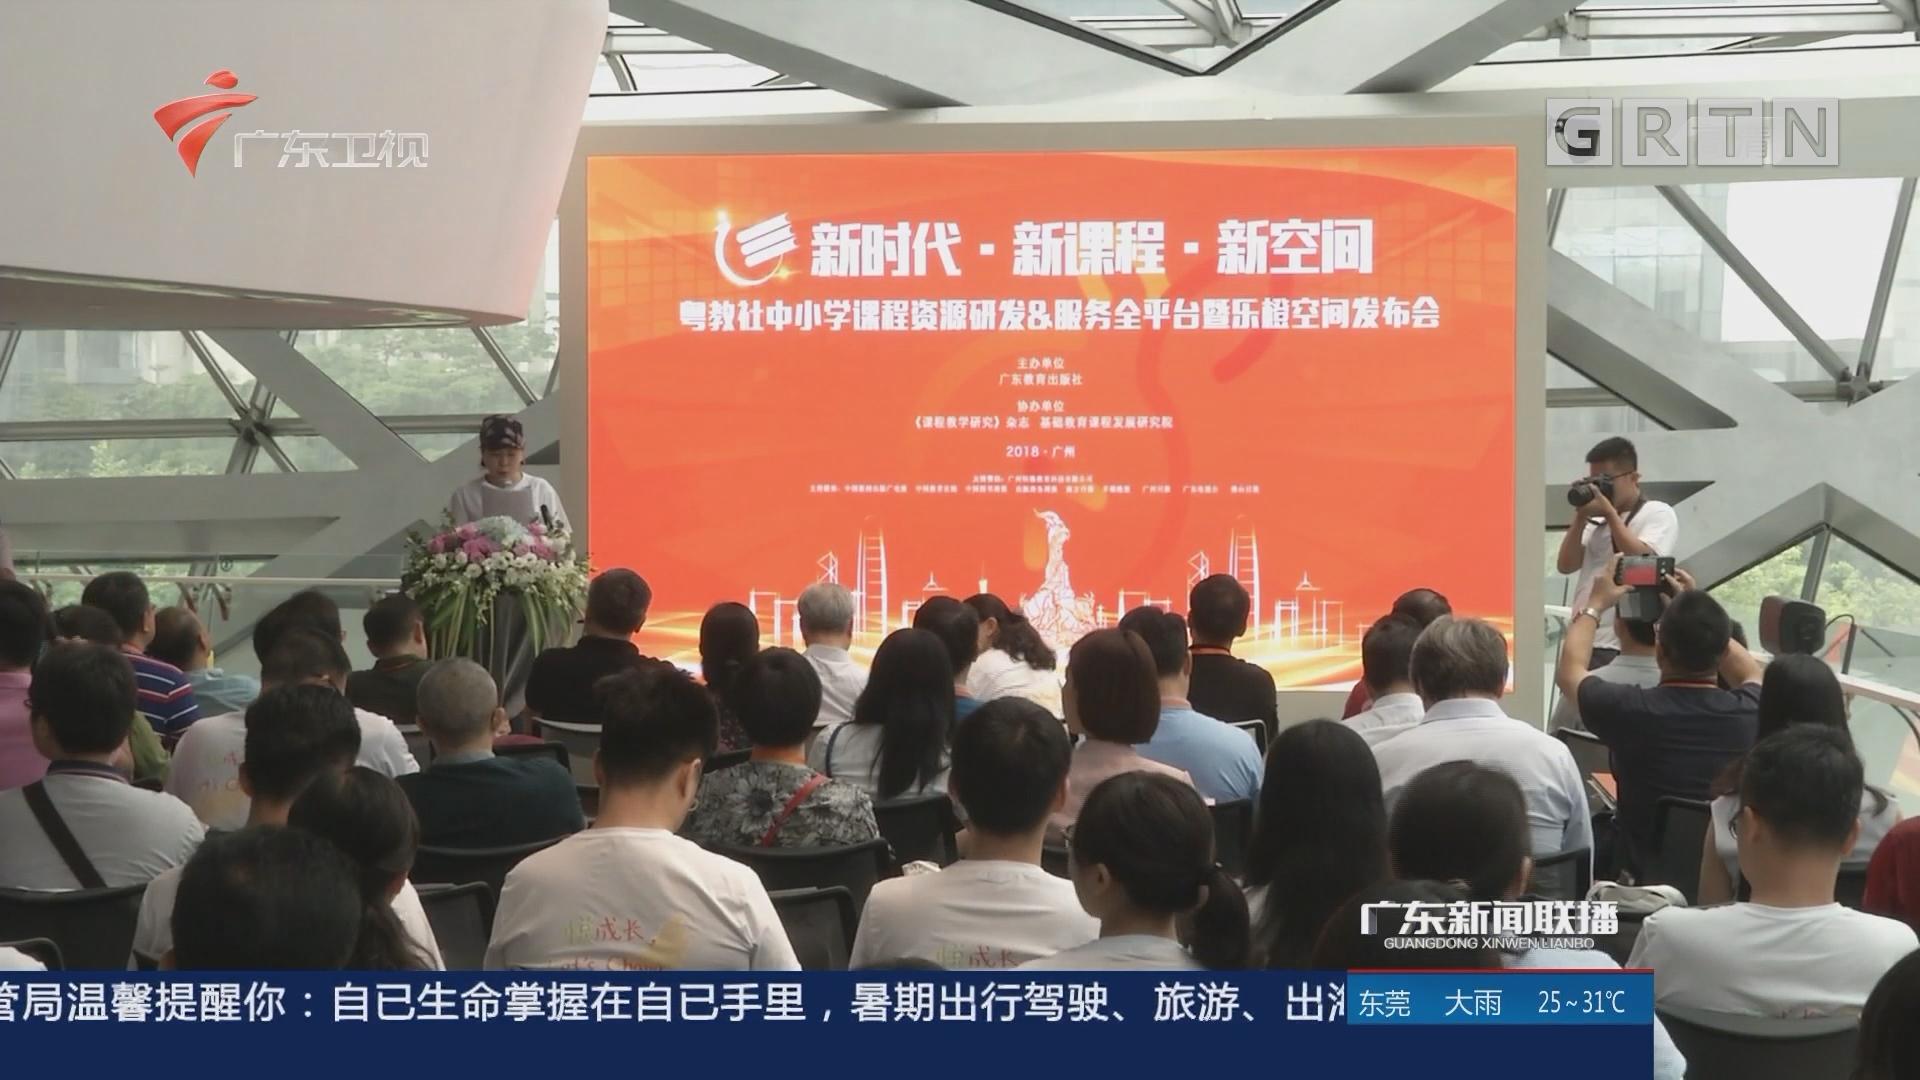 """广东:""""互联网+出版""""深度融合 共建共享优质教育资源"""